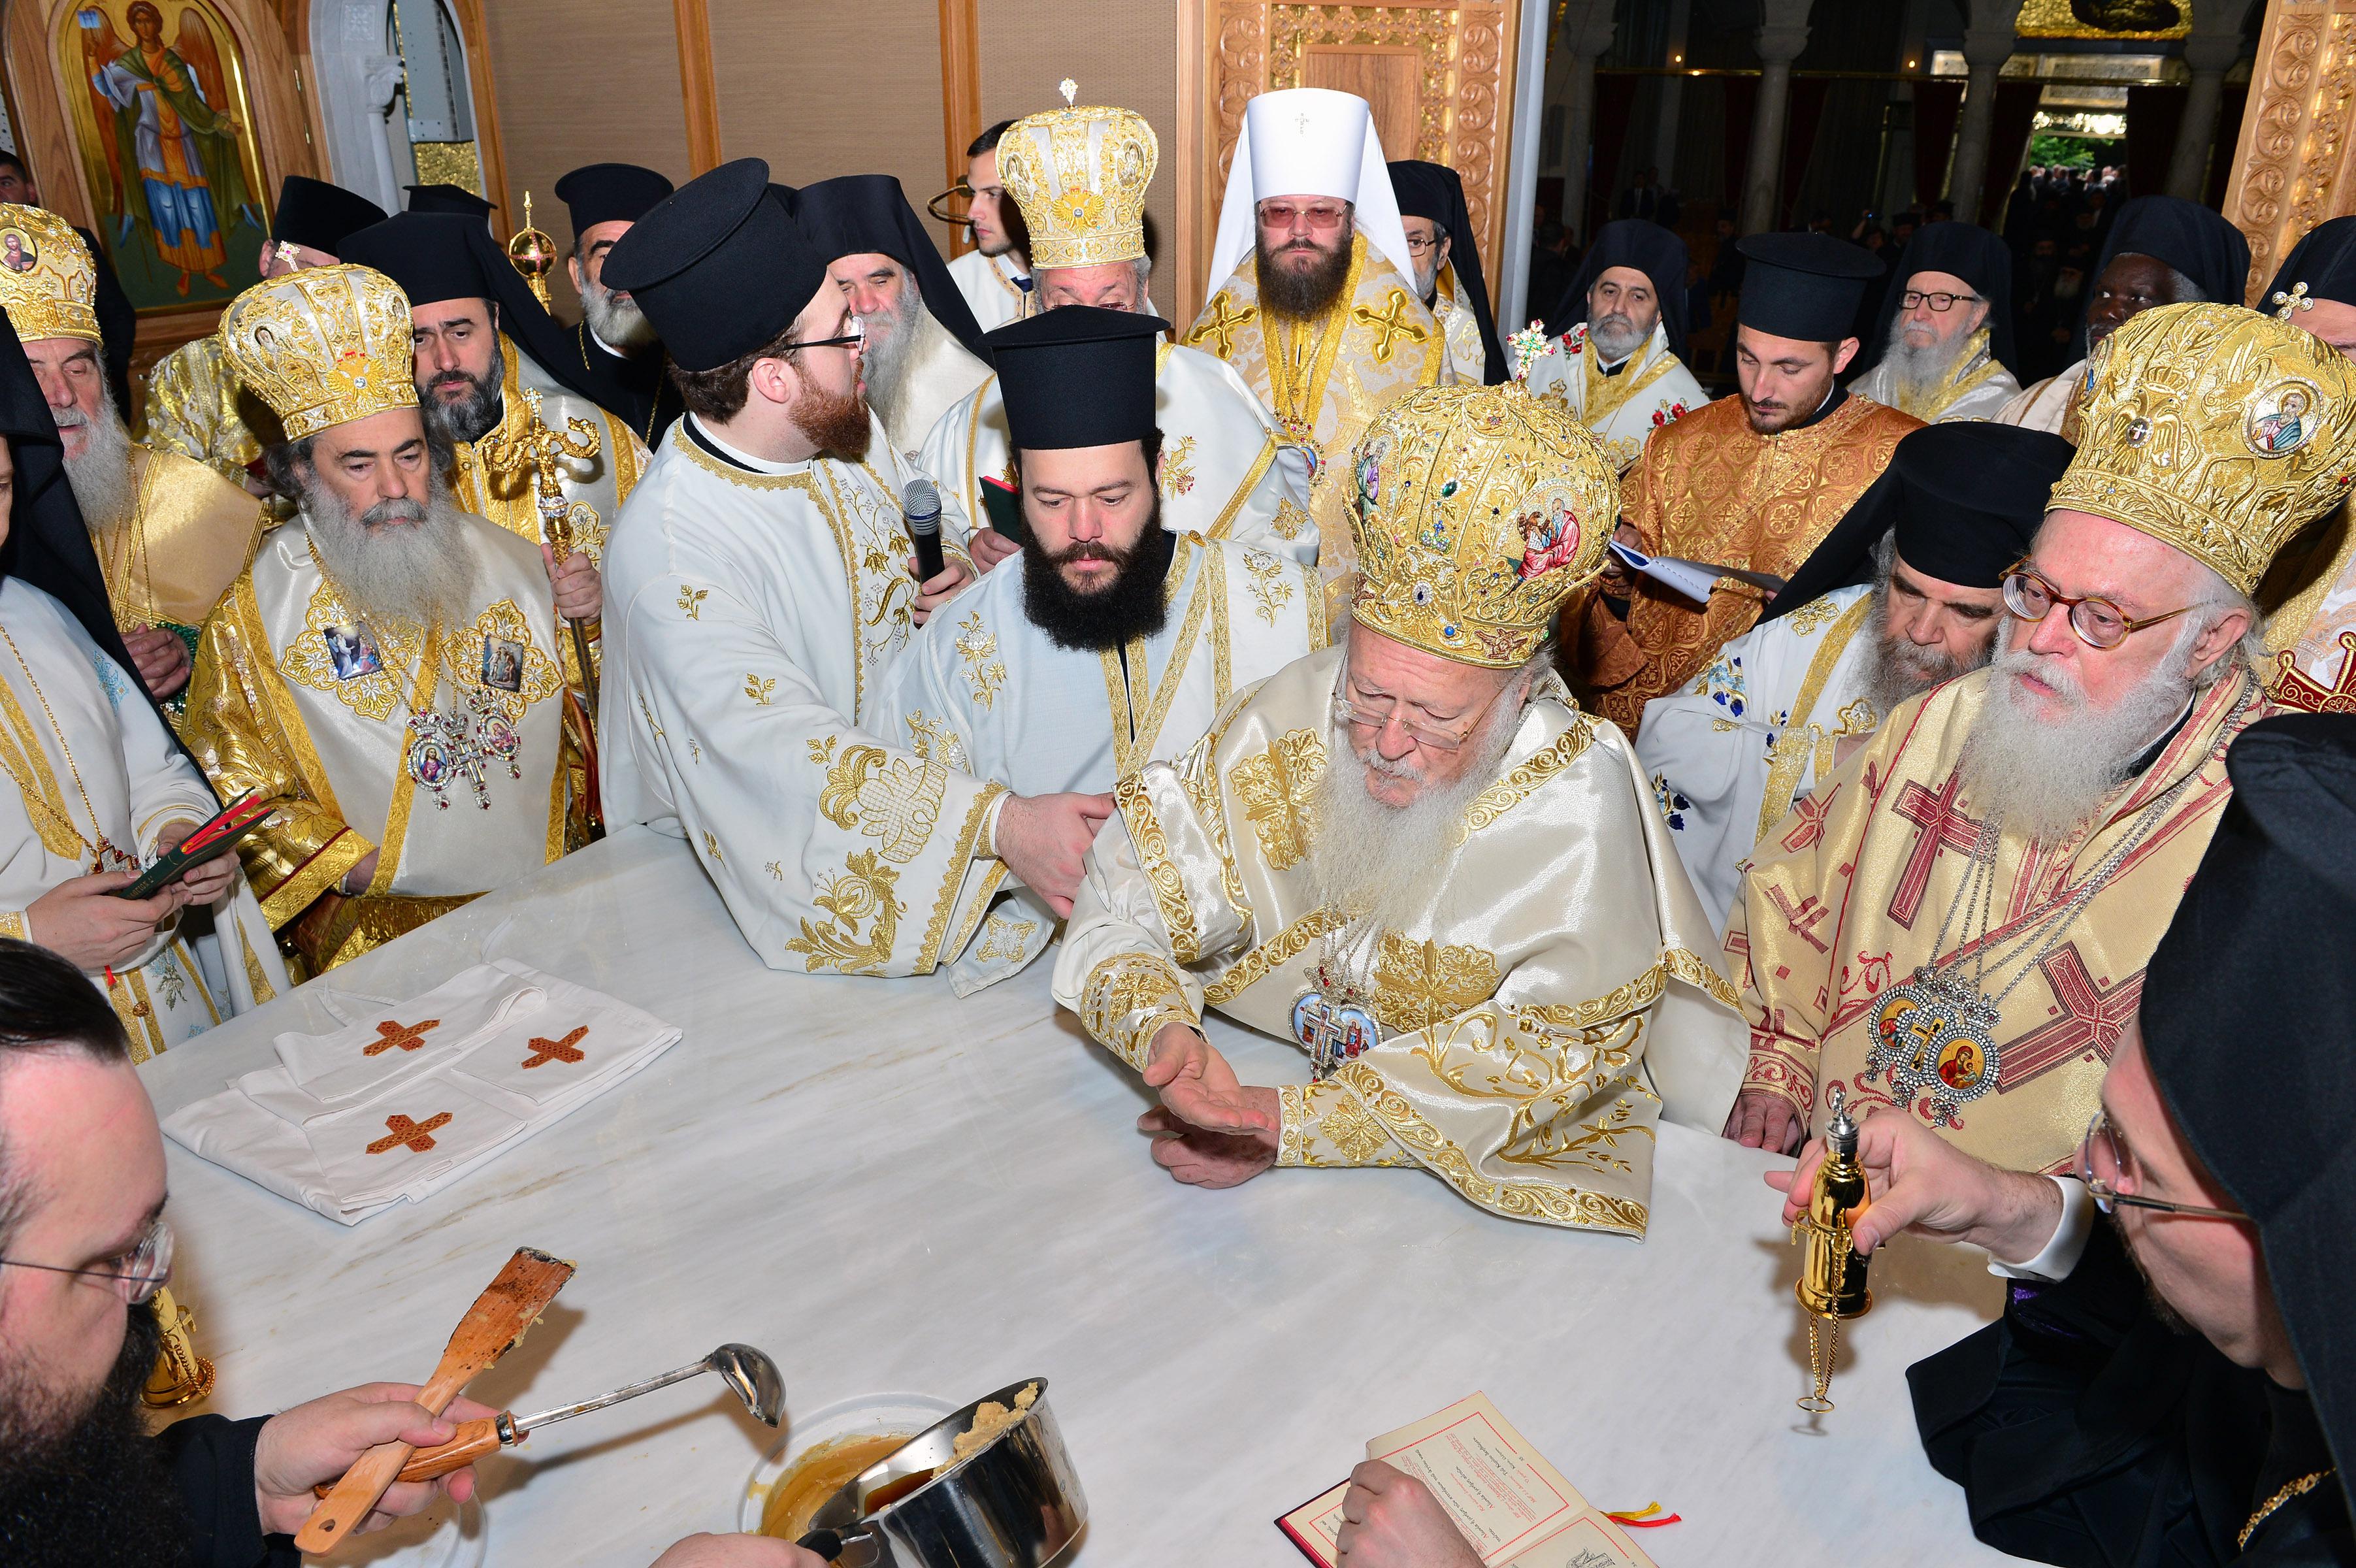 archiepiskopos-anastasios-o-golgothas-gia-tin-anastasi-tis-orthodoxis-ekklisias-stin-alvania7